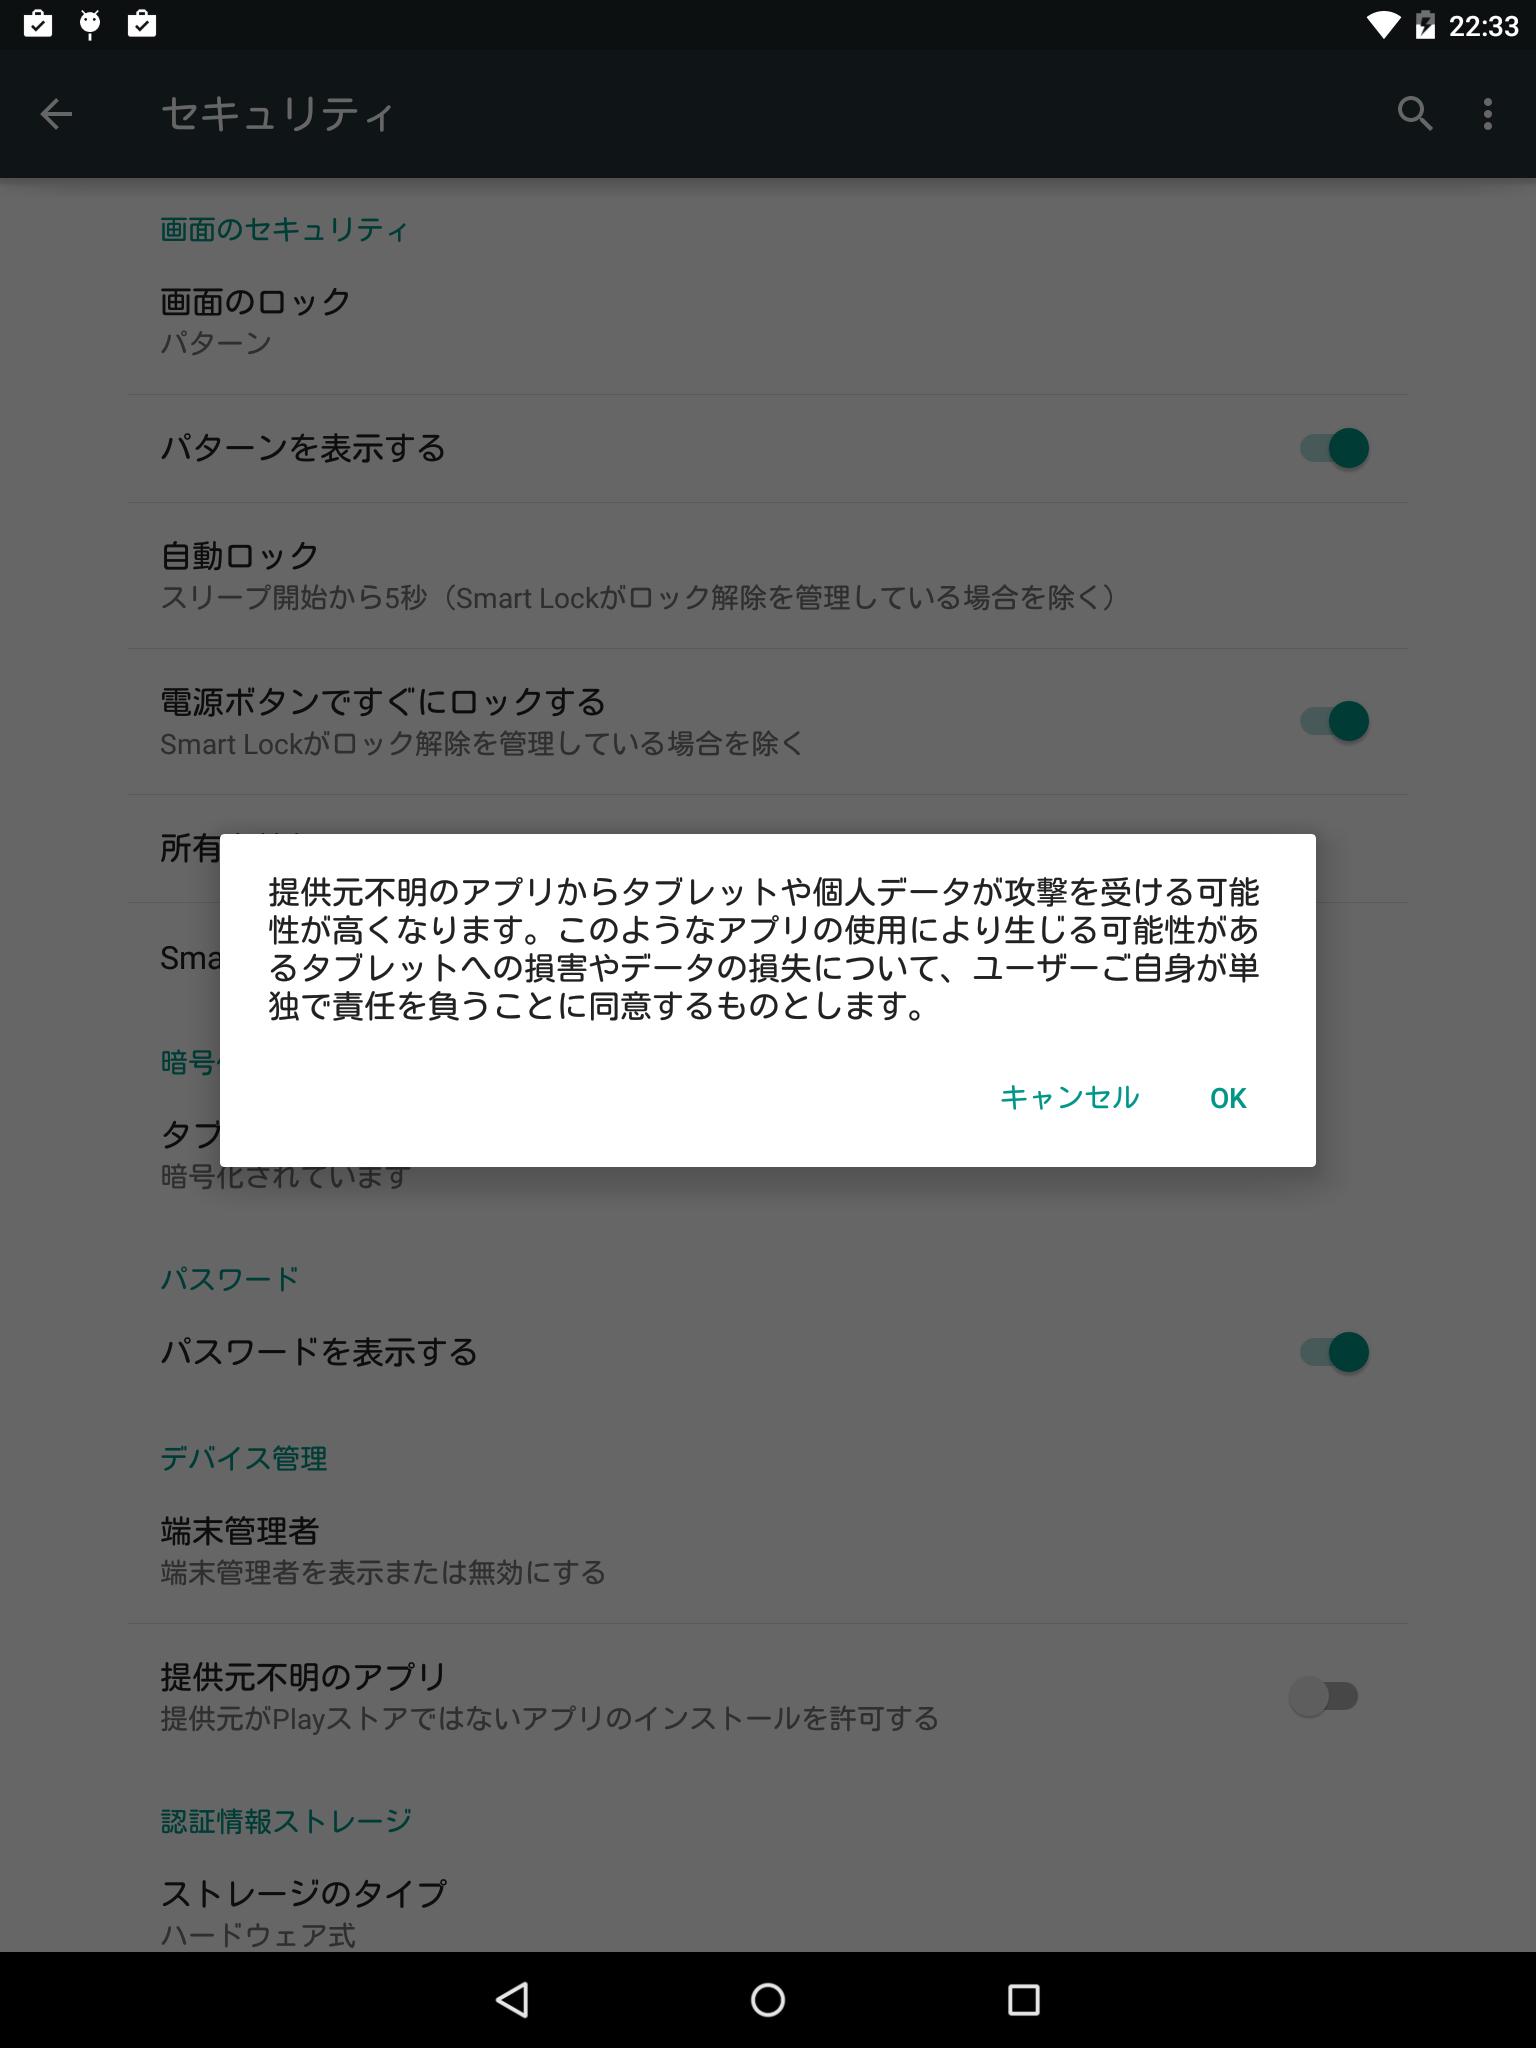 設定 > セキュリティ > 「提供元不明のアプリ」をオン